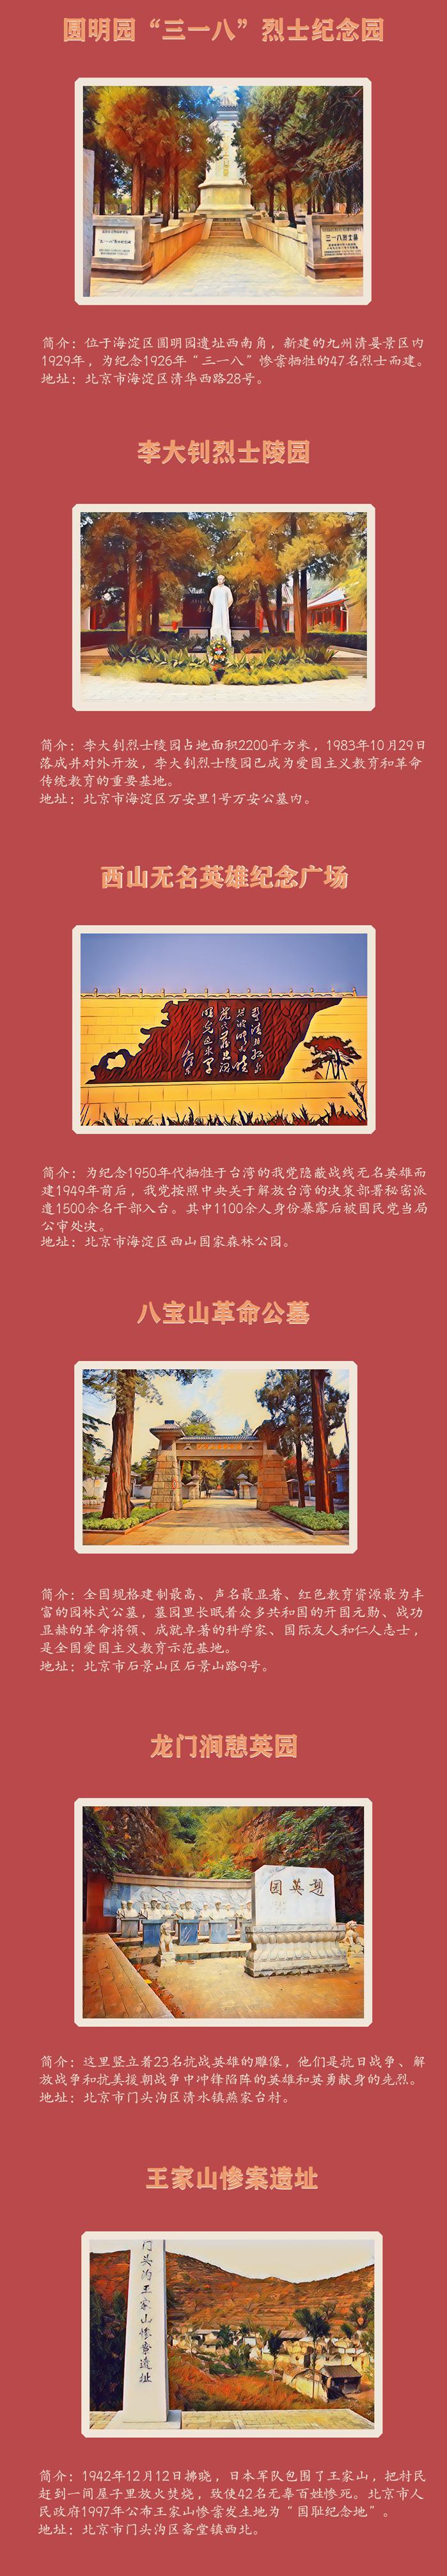 """红""""游""""记 打卡北京红色景区之烈士陵园、教育基地"""